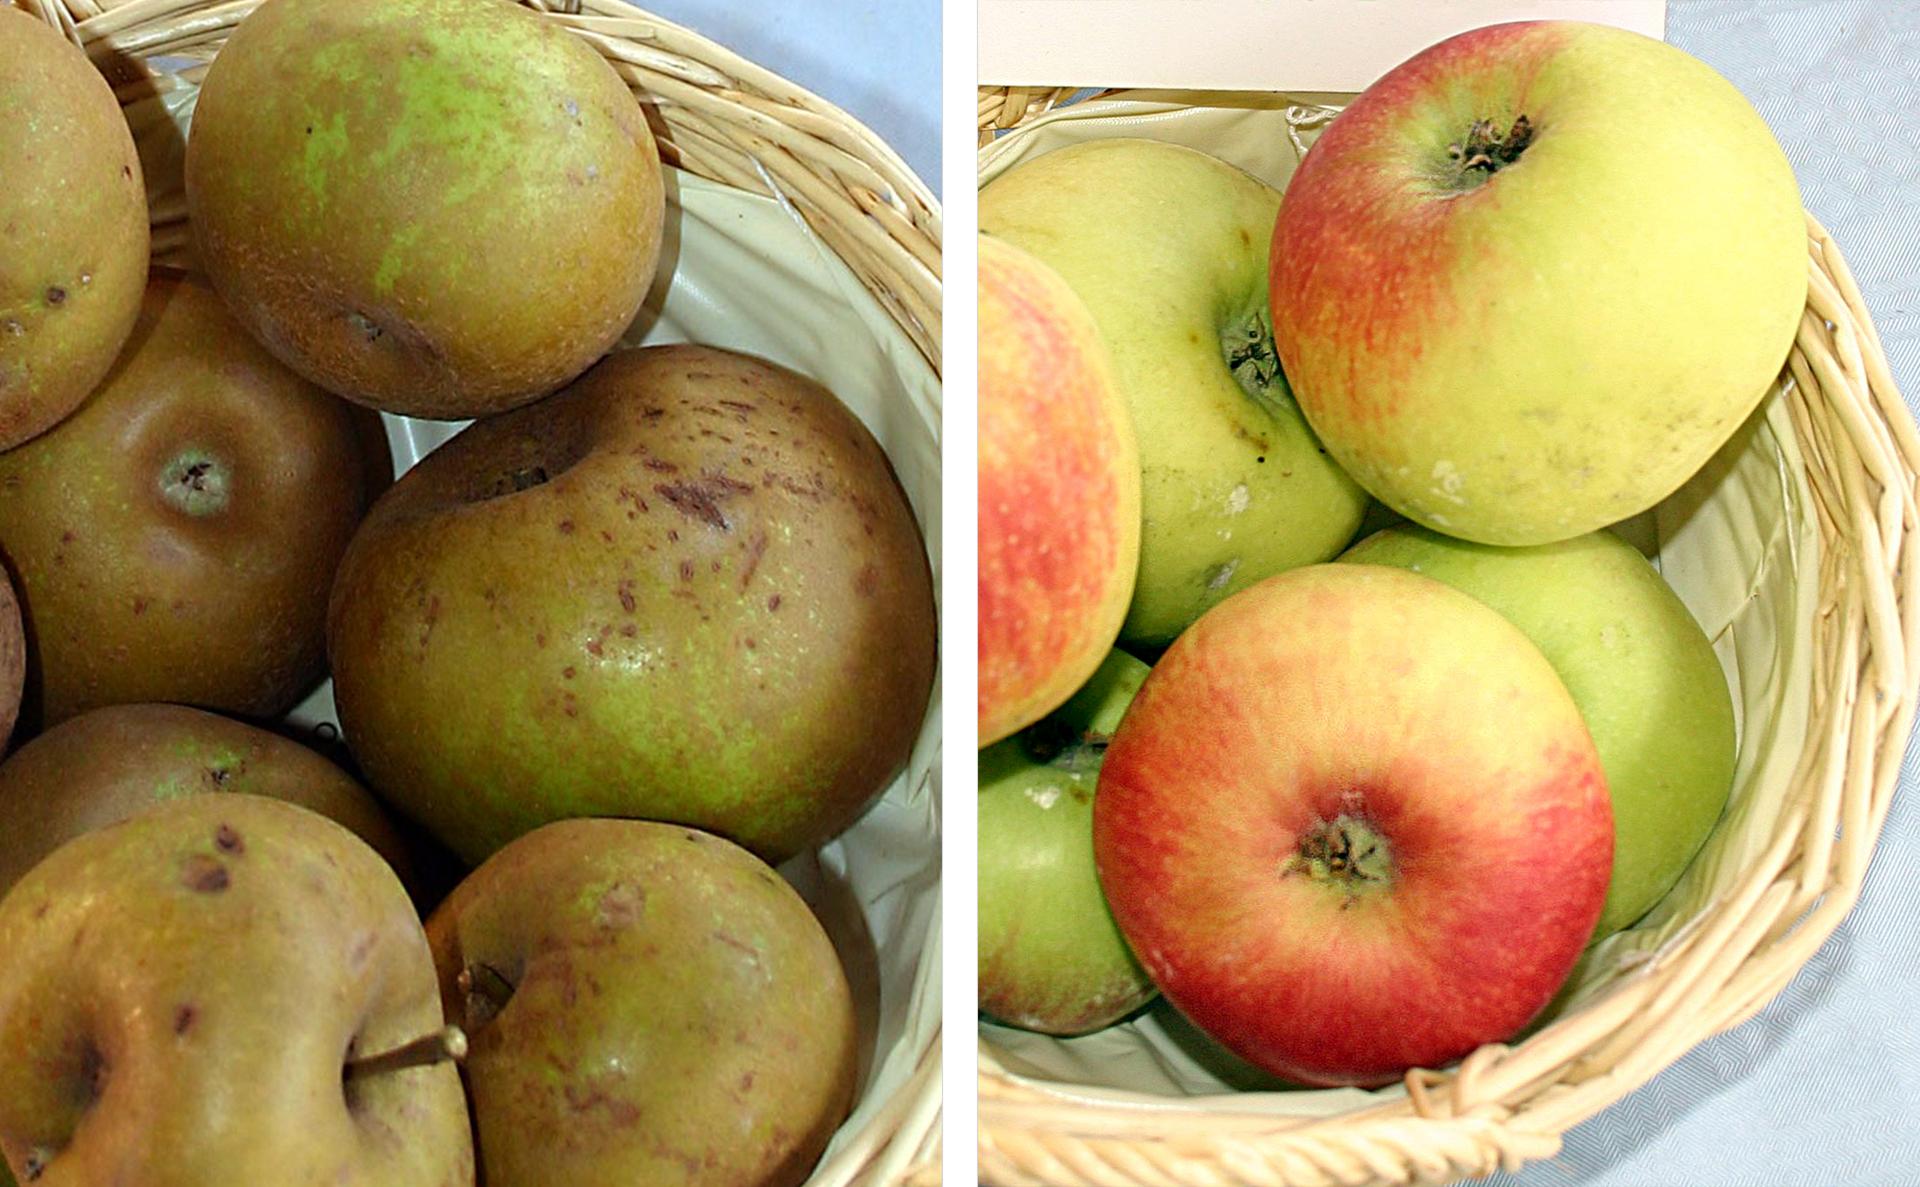 Fotografie przedstawiają dwie stare odmiany jabłek wkoszykach. Zlewej Szara Reneta ociemnej skórce zlicznymi brązowymi przebarwieniami. Zprawej jabłka odmiany Książę Albrecht, zielono żółte zczerwonym rumieńcem.